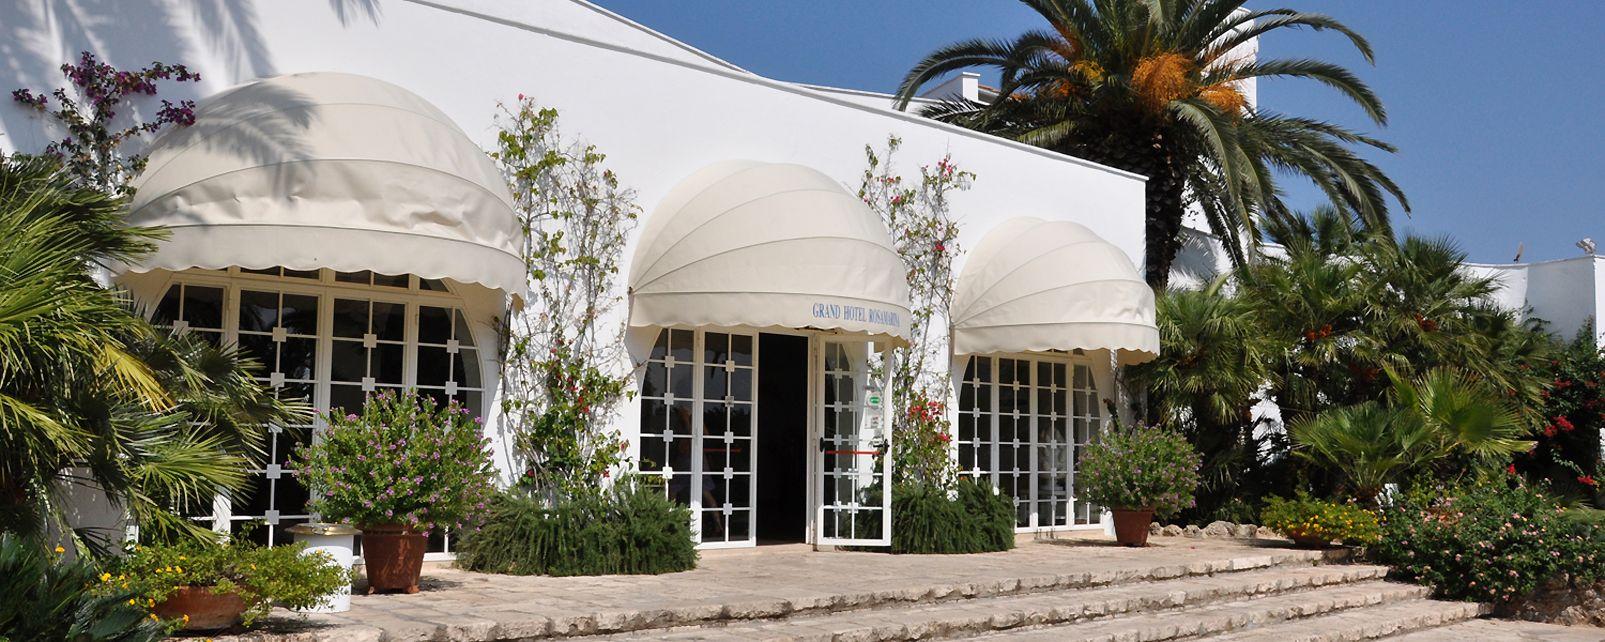 Hotel Grand Rosa Marina